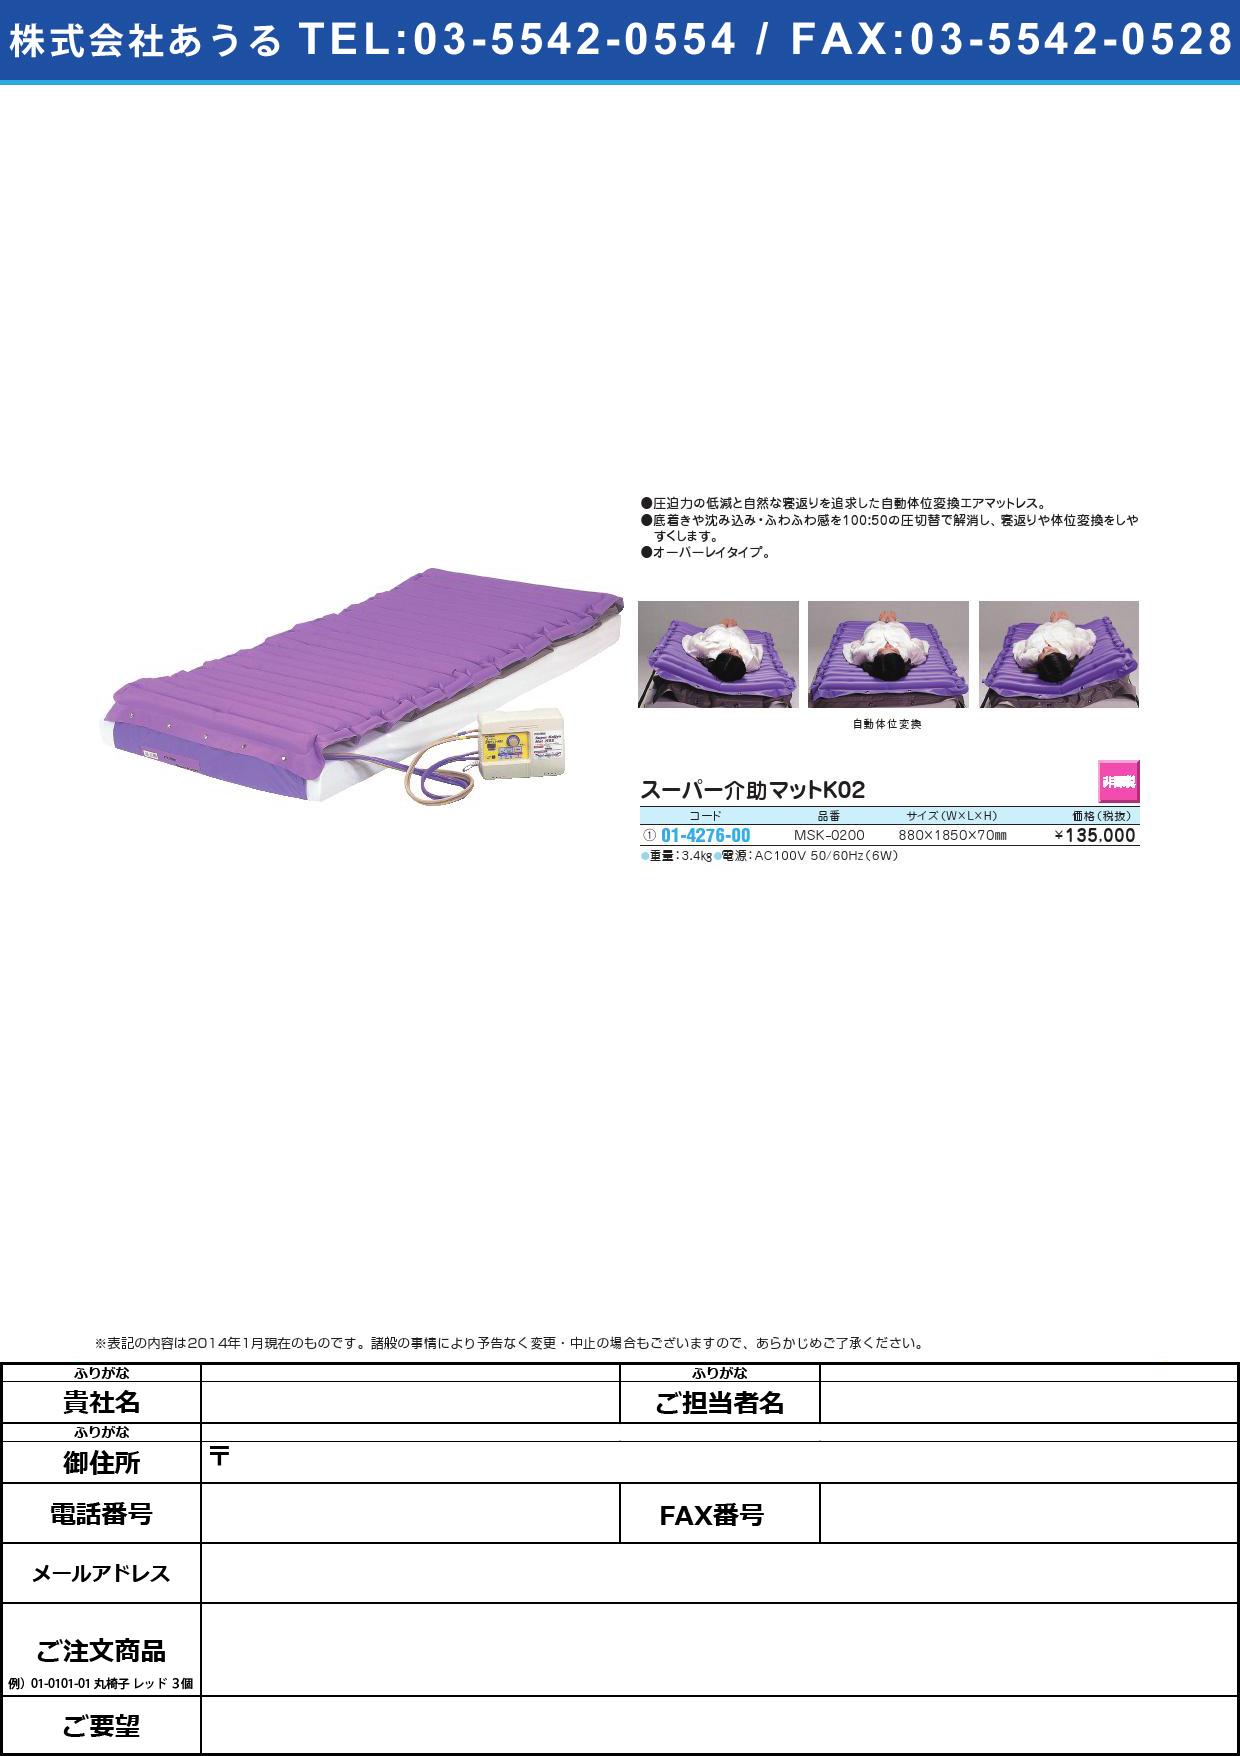 スーパー介助マットK02 スーパーカイジョマットK02(01-4276-00)MSK-0200【1台単位】